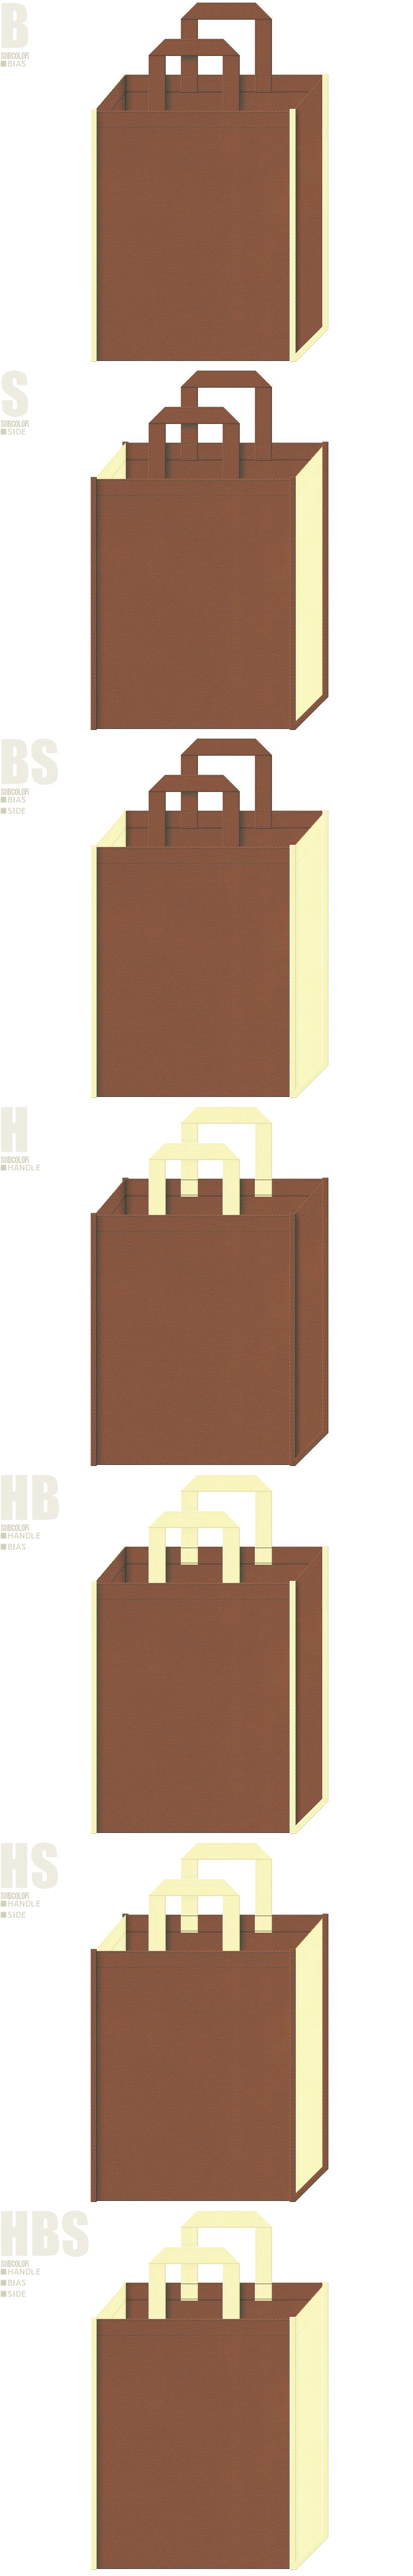 絵本・どらやき・饅頭・和菓子・チョコクレープ・プリン・スイーツ・ロールケーキ・クリームパン・ベーカリー・食品の展示会・販促イベントにお奨めの不織布バッグデザイン:茶色と薄黄色の配色7パターン